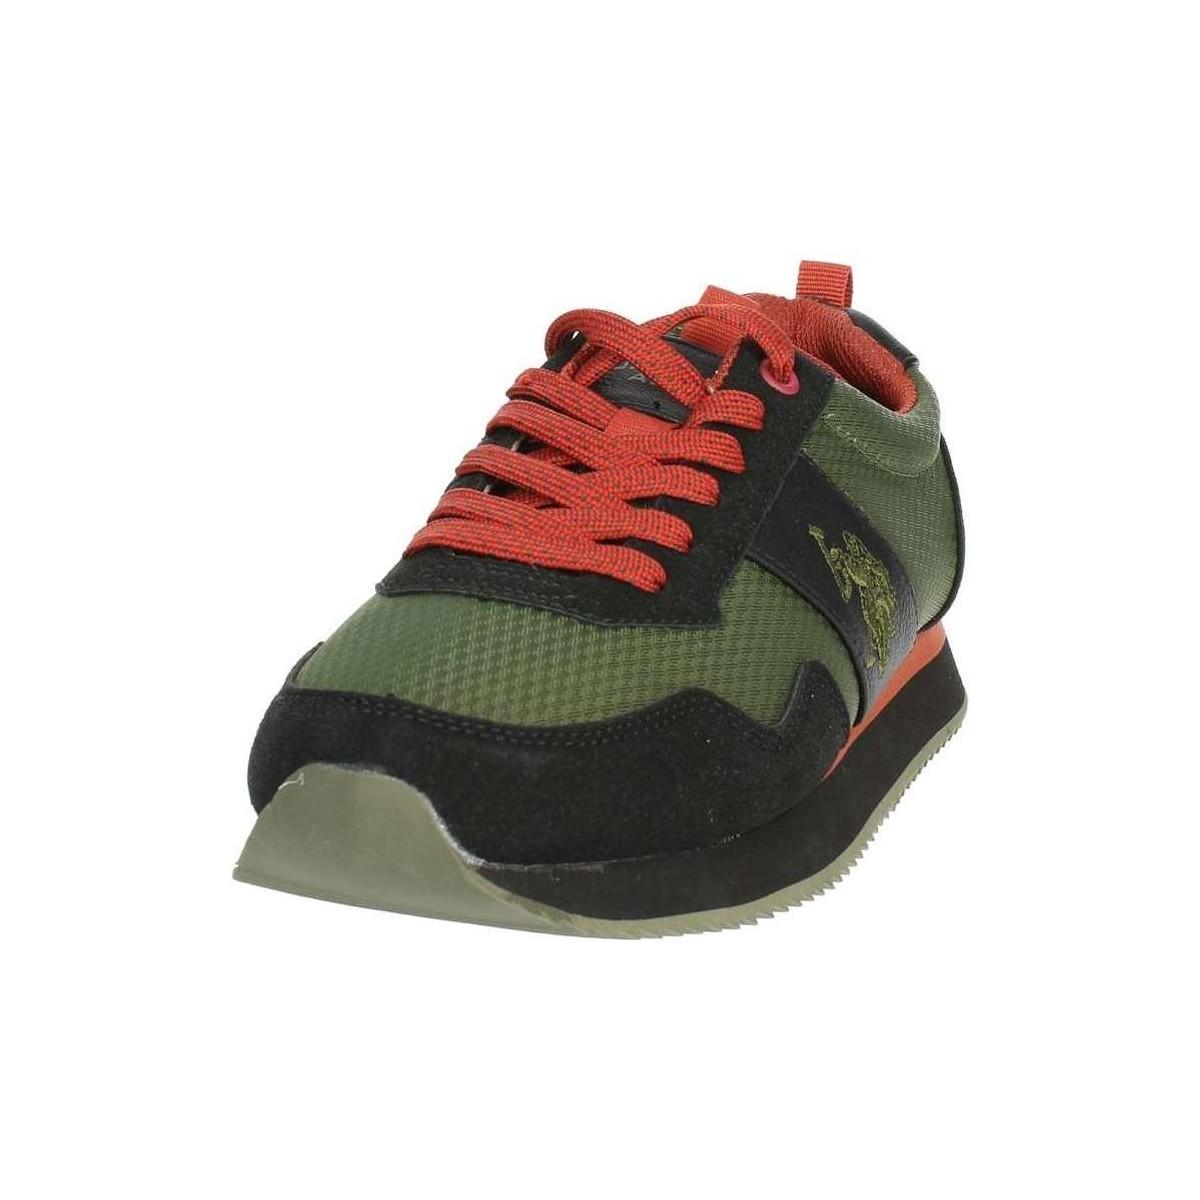 U.S. POLO ASSN. Lage Sneakers Nobil4215s8/hn2 in het Groen voor heren